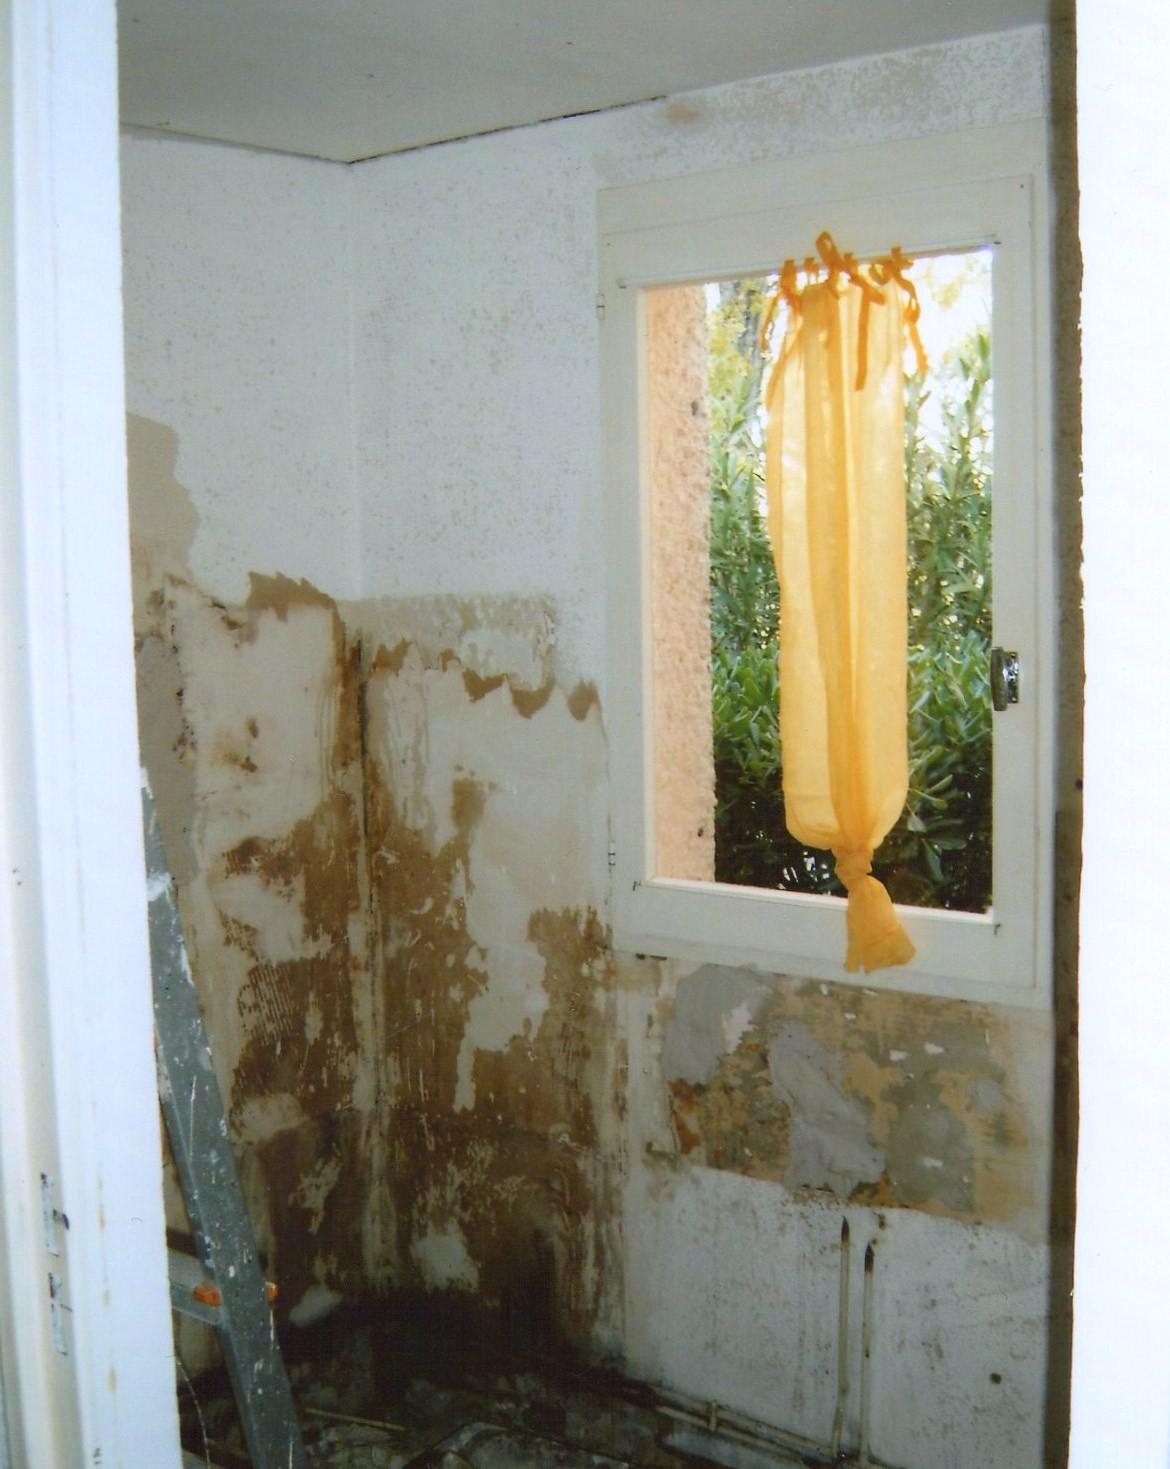 Armoire salle de bain conforama for Refaire sa salle de bain soi meme